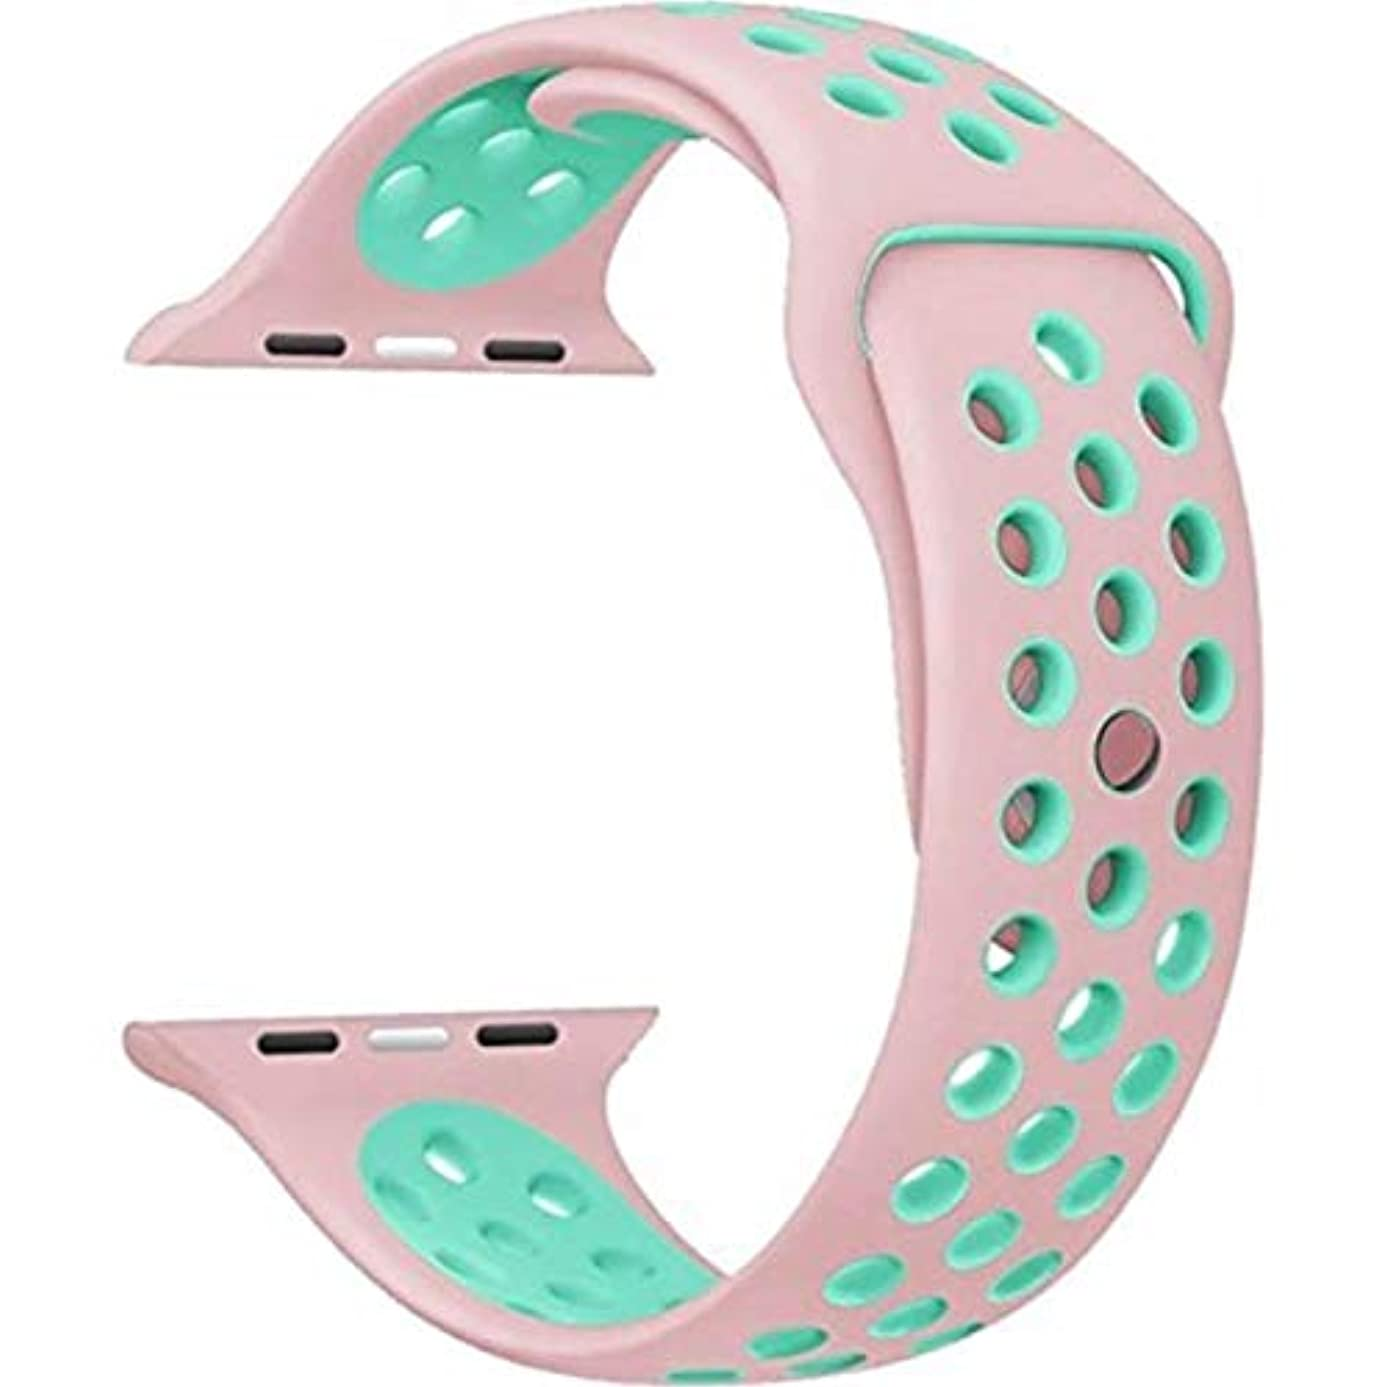 ディスク保険をかける倉庫Apple Watch スポーツバンド 高級シリコーンベルト Apple Watch Series 4 / Series 3 Series 2 に向け 専用スポーツバンド さわやかな色 通気 水洗い可 Apple Watch 人気スポーツバンド (44mm/42mm,5)